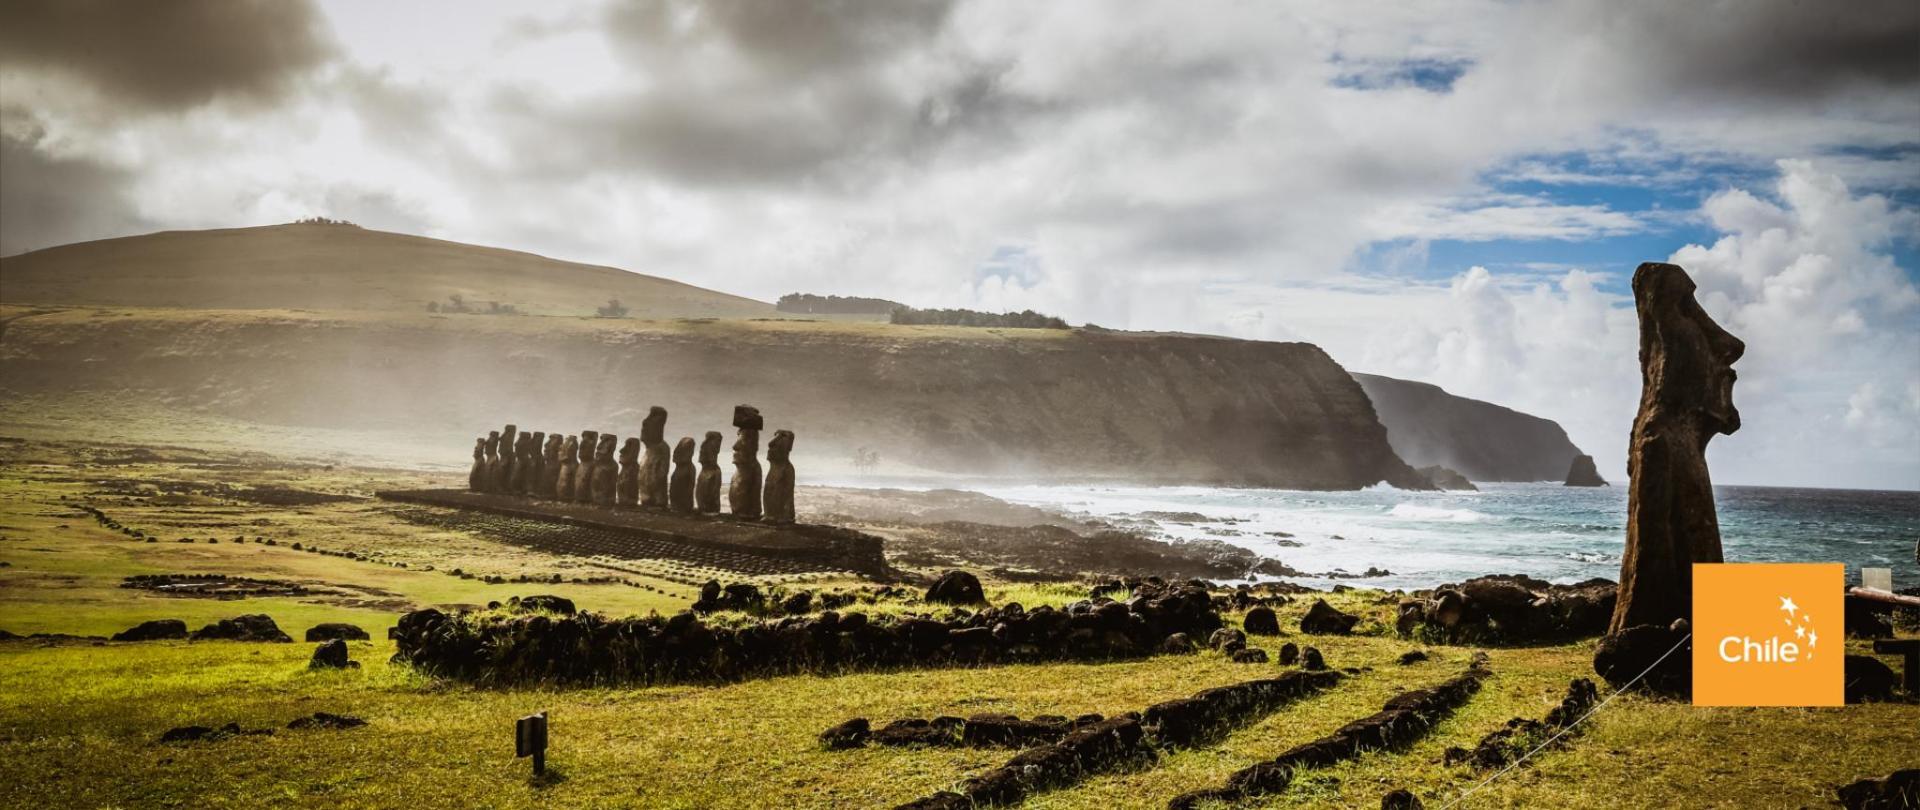 Hotel Rapa Nui